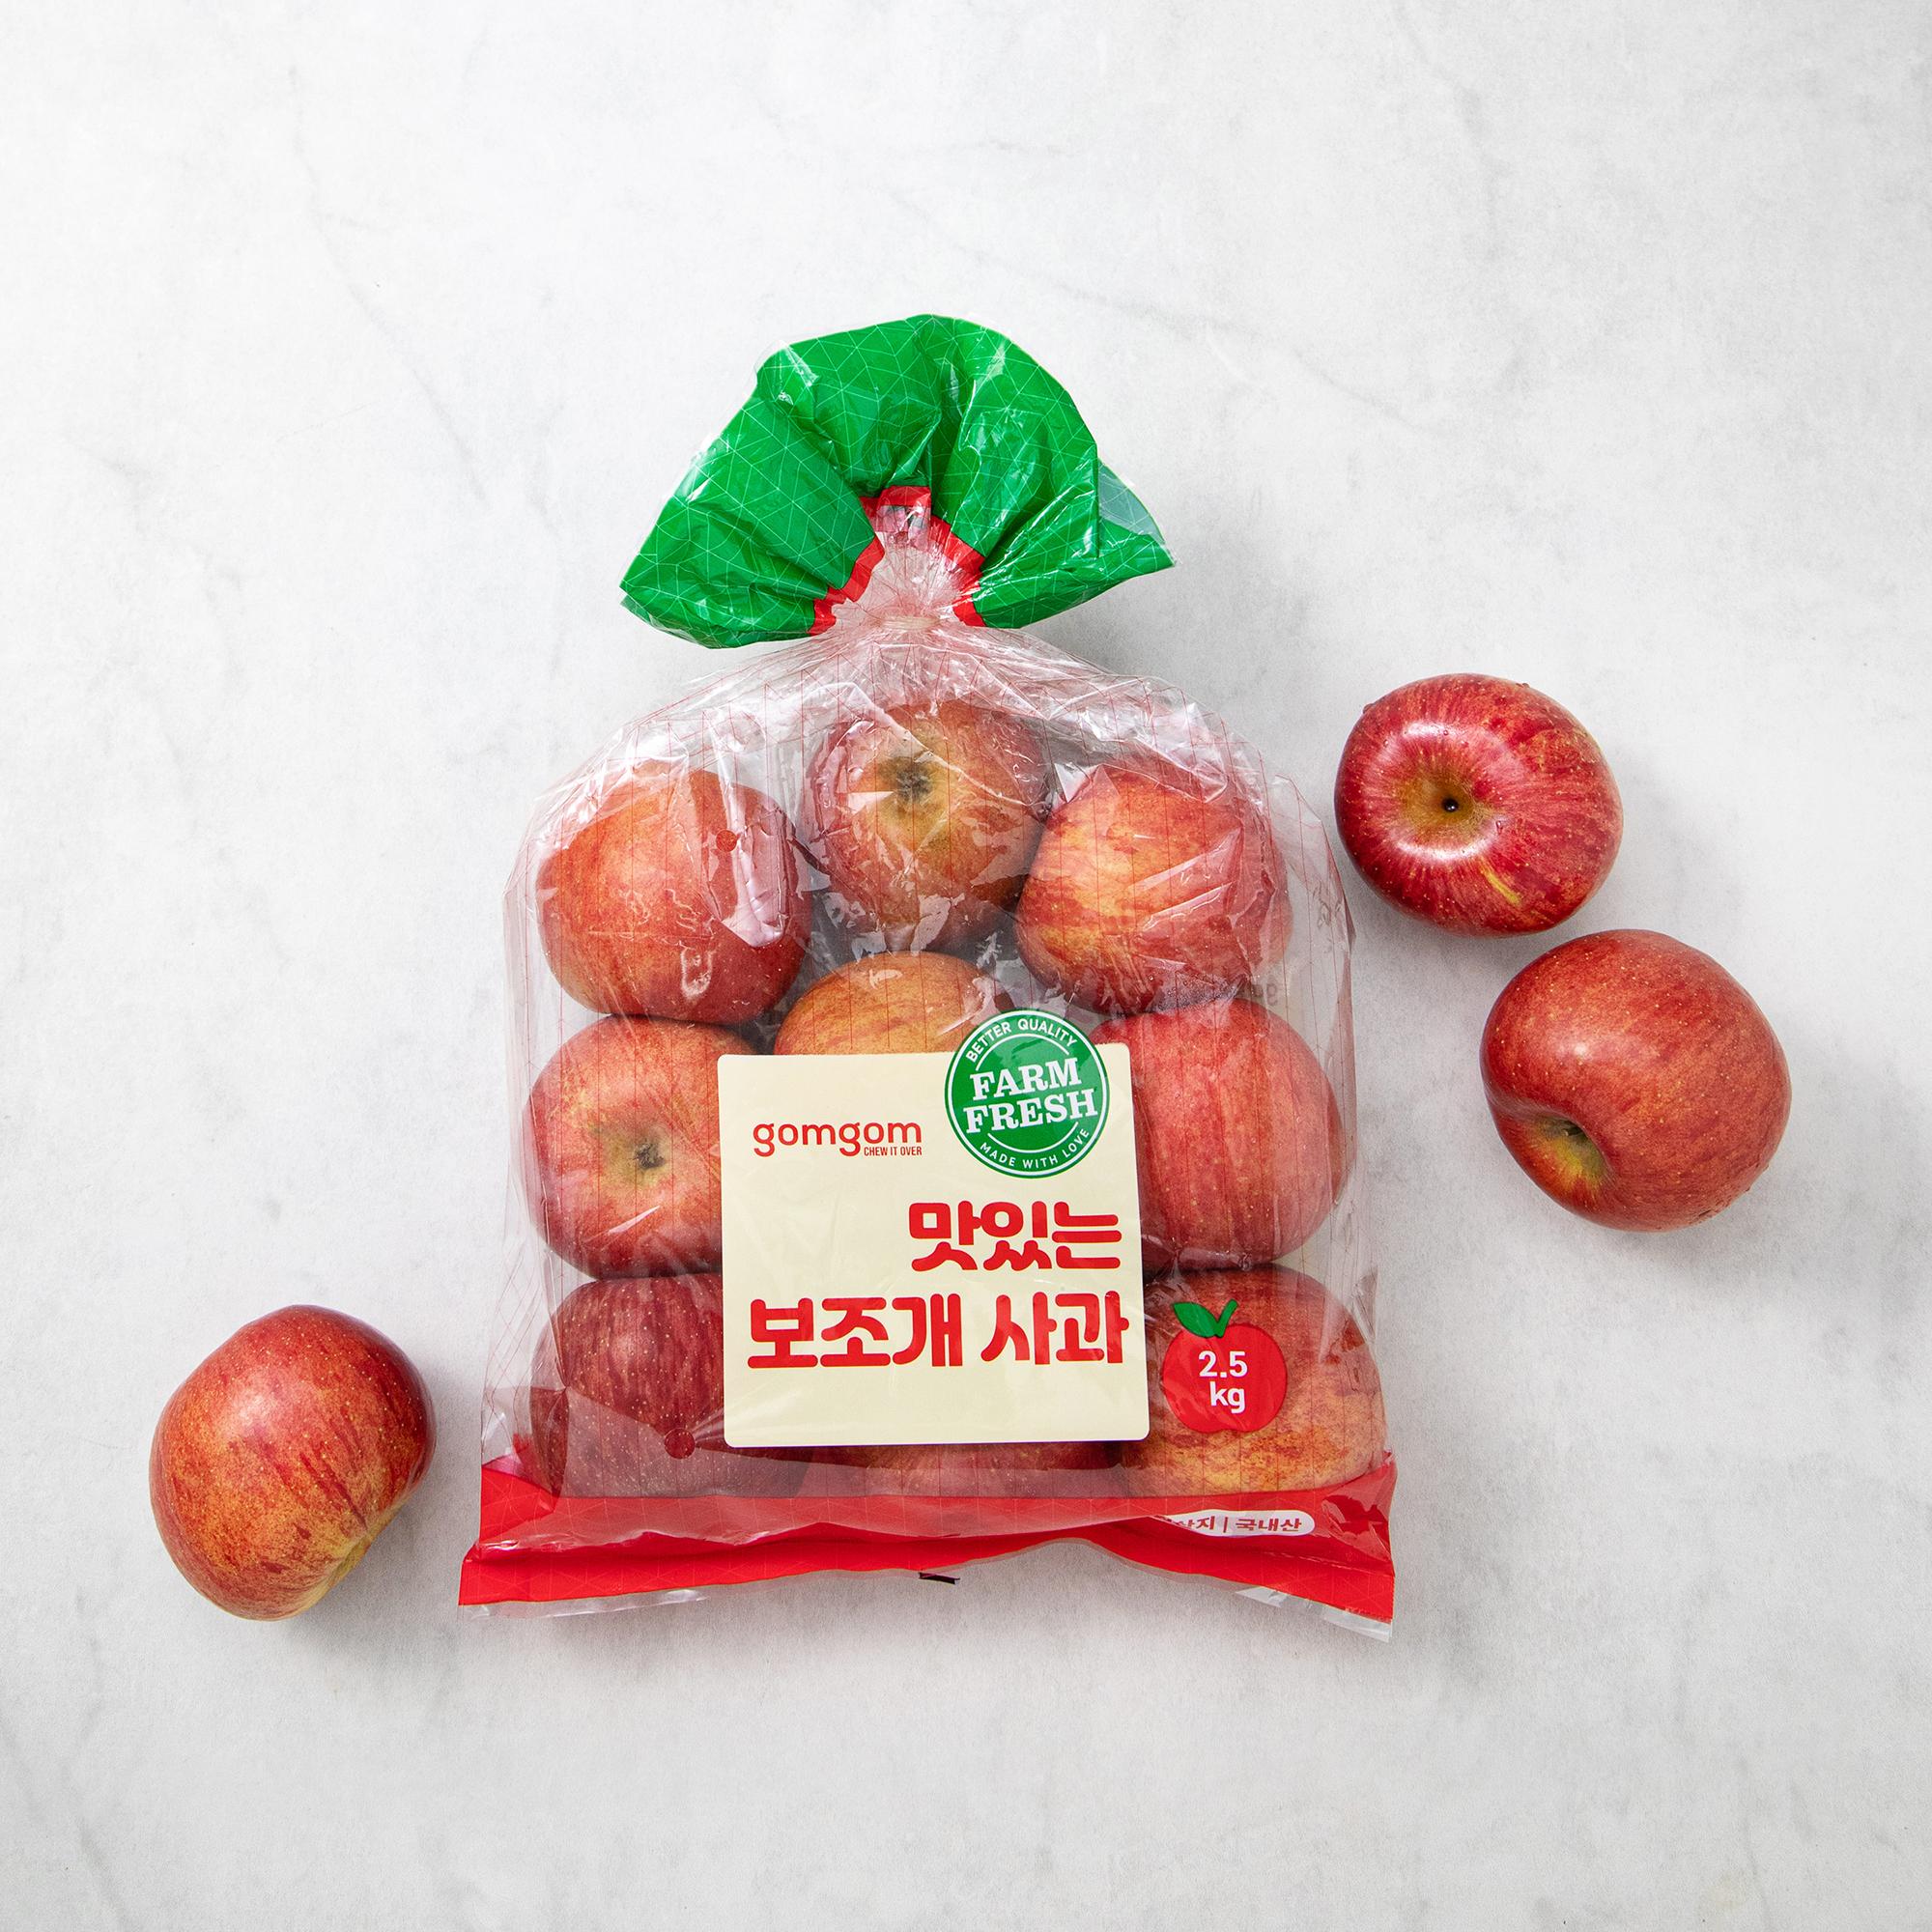 곰곰 맛있는 알뜰 보조개사과, 2.5kg, 1봉